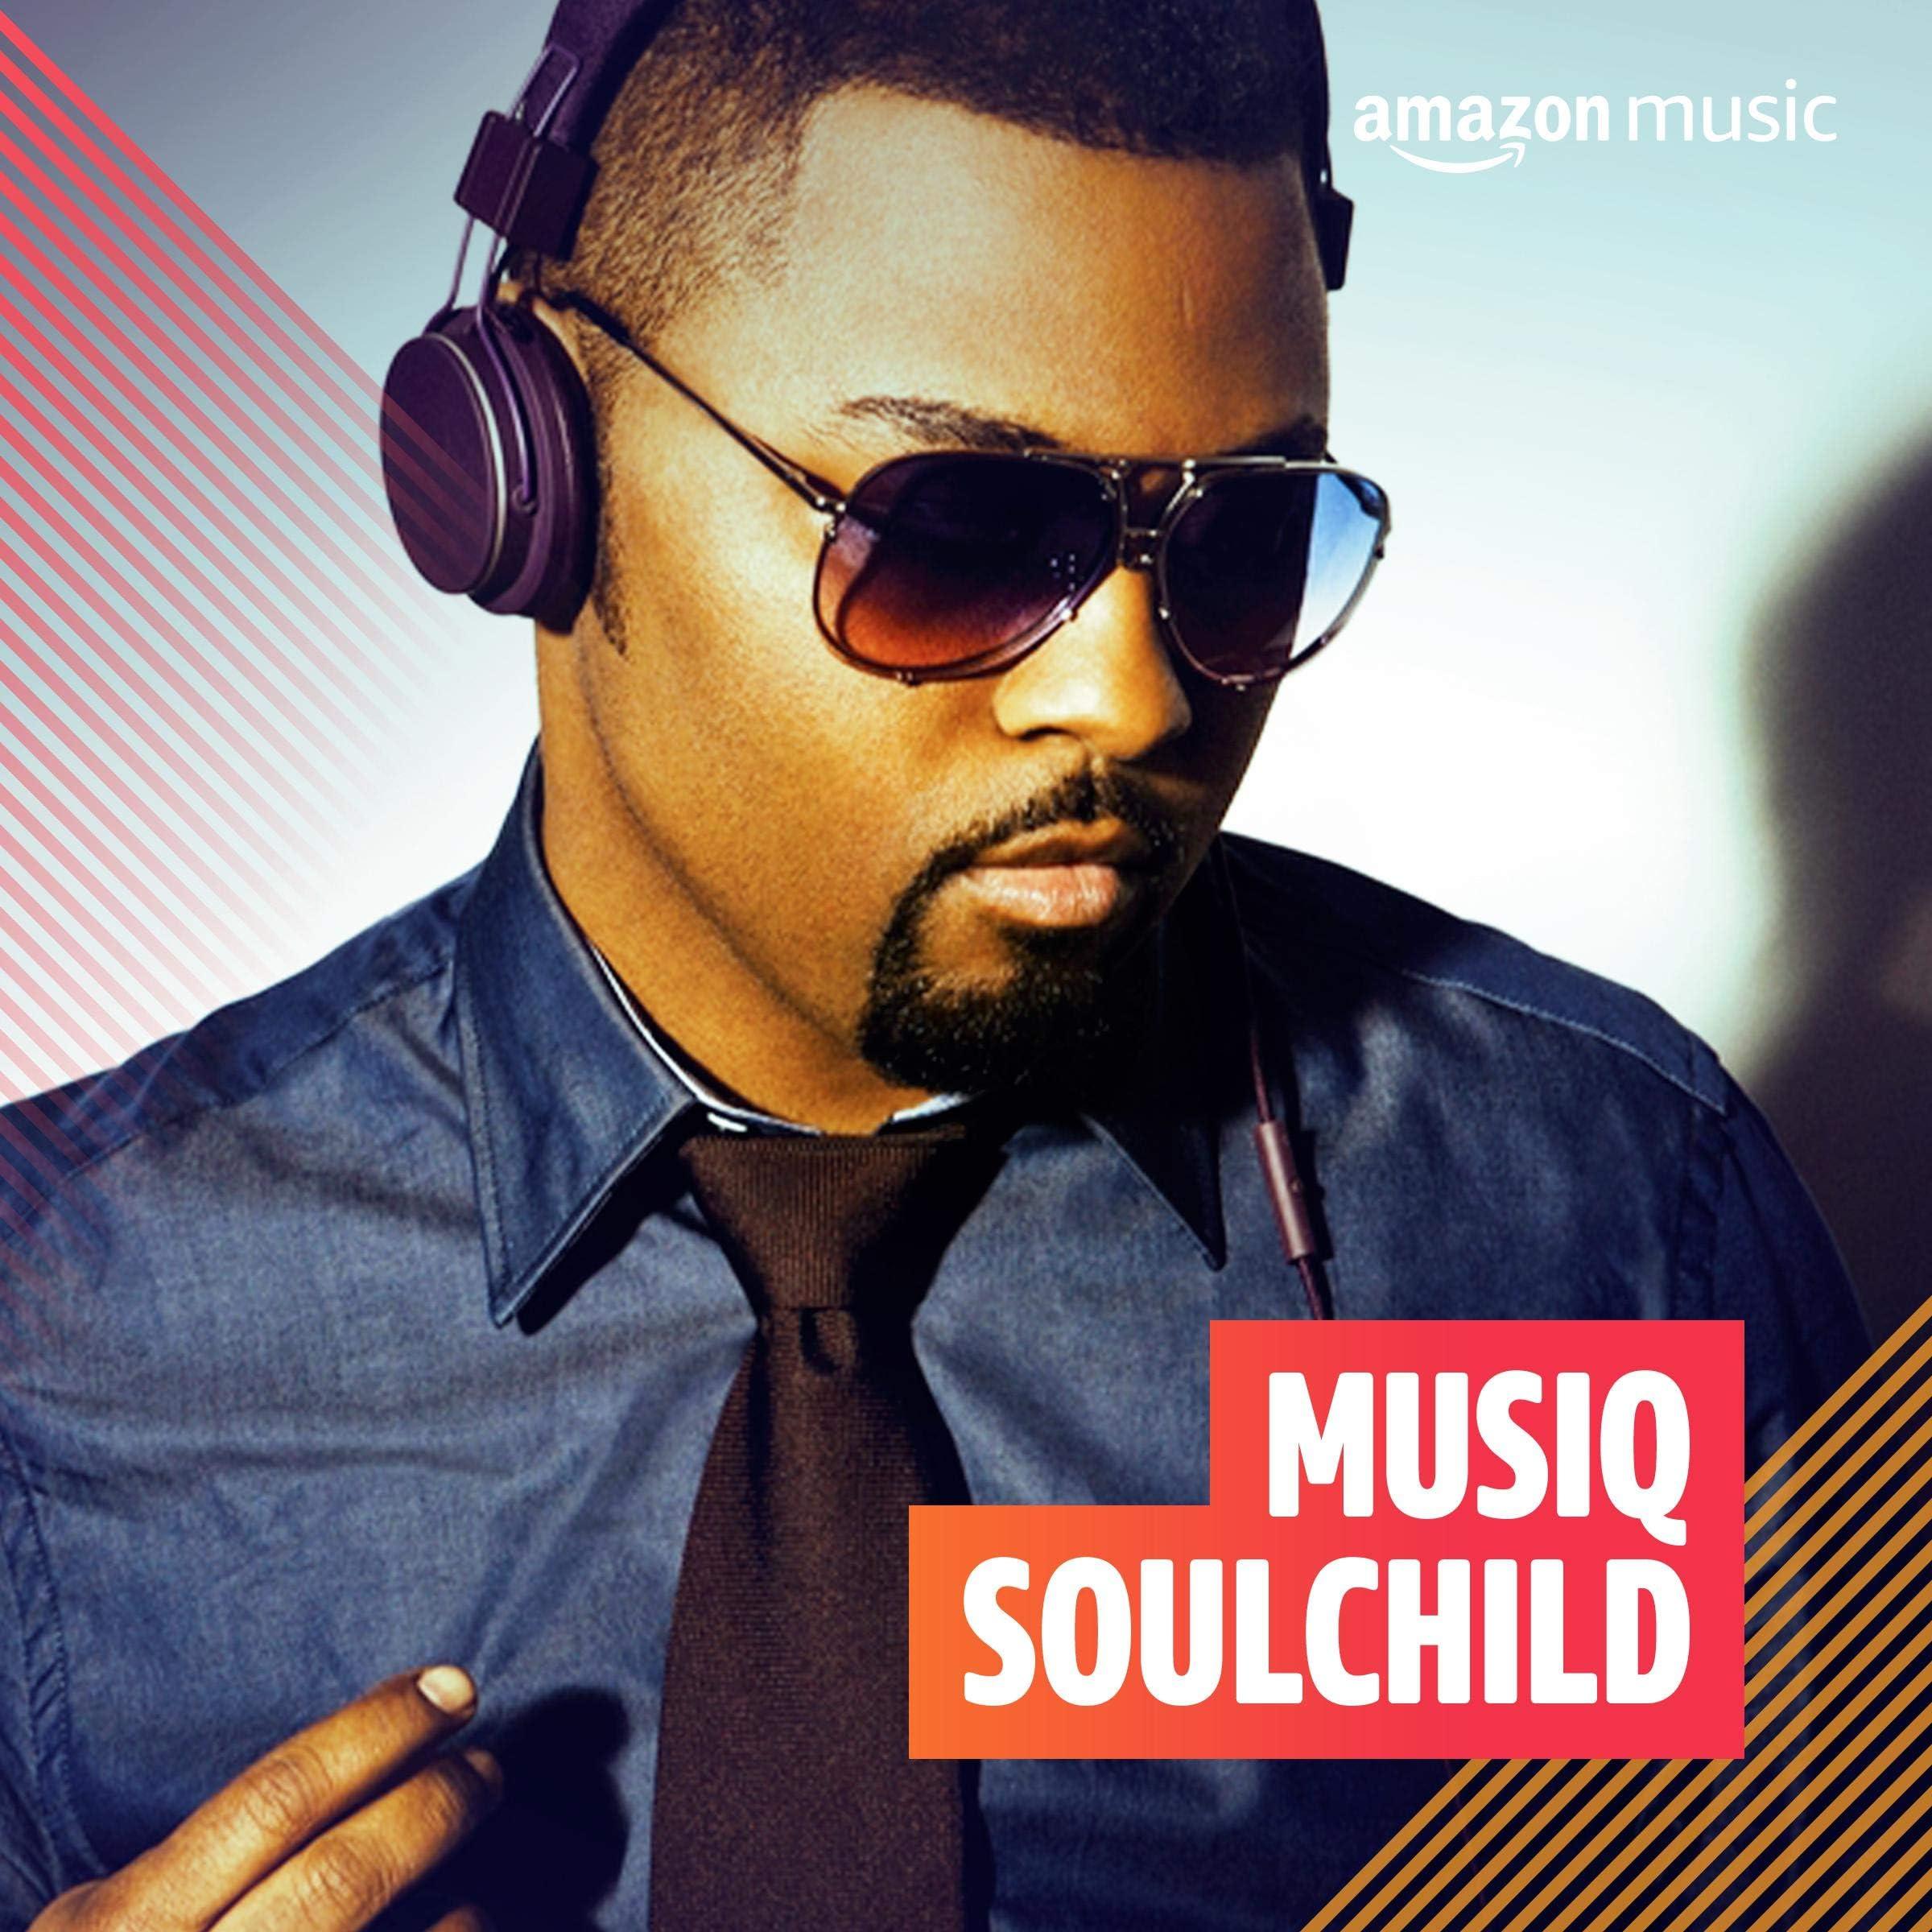 Musiq (Soulchild)